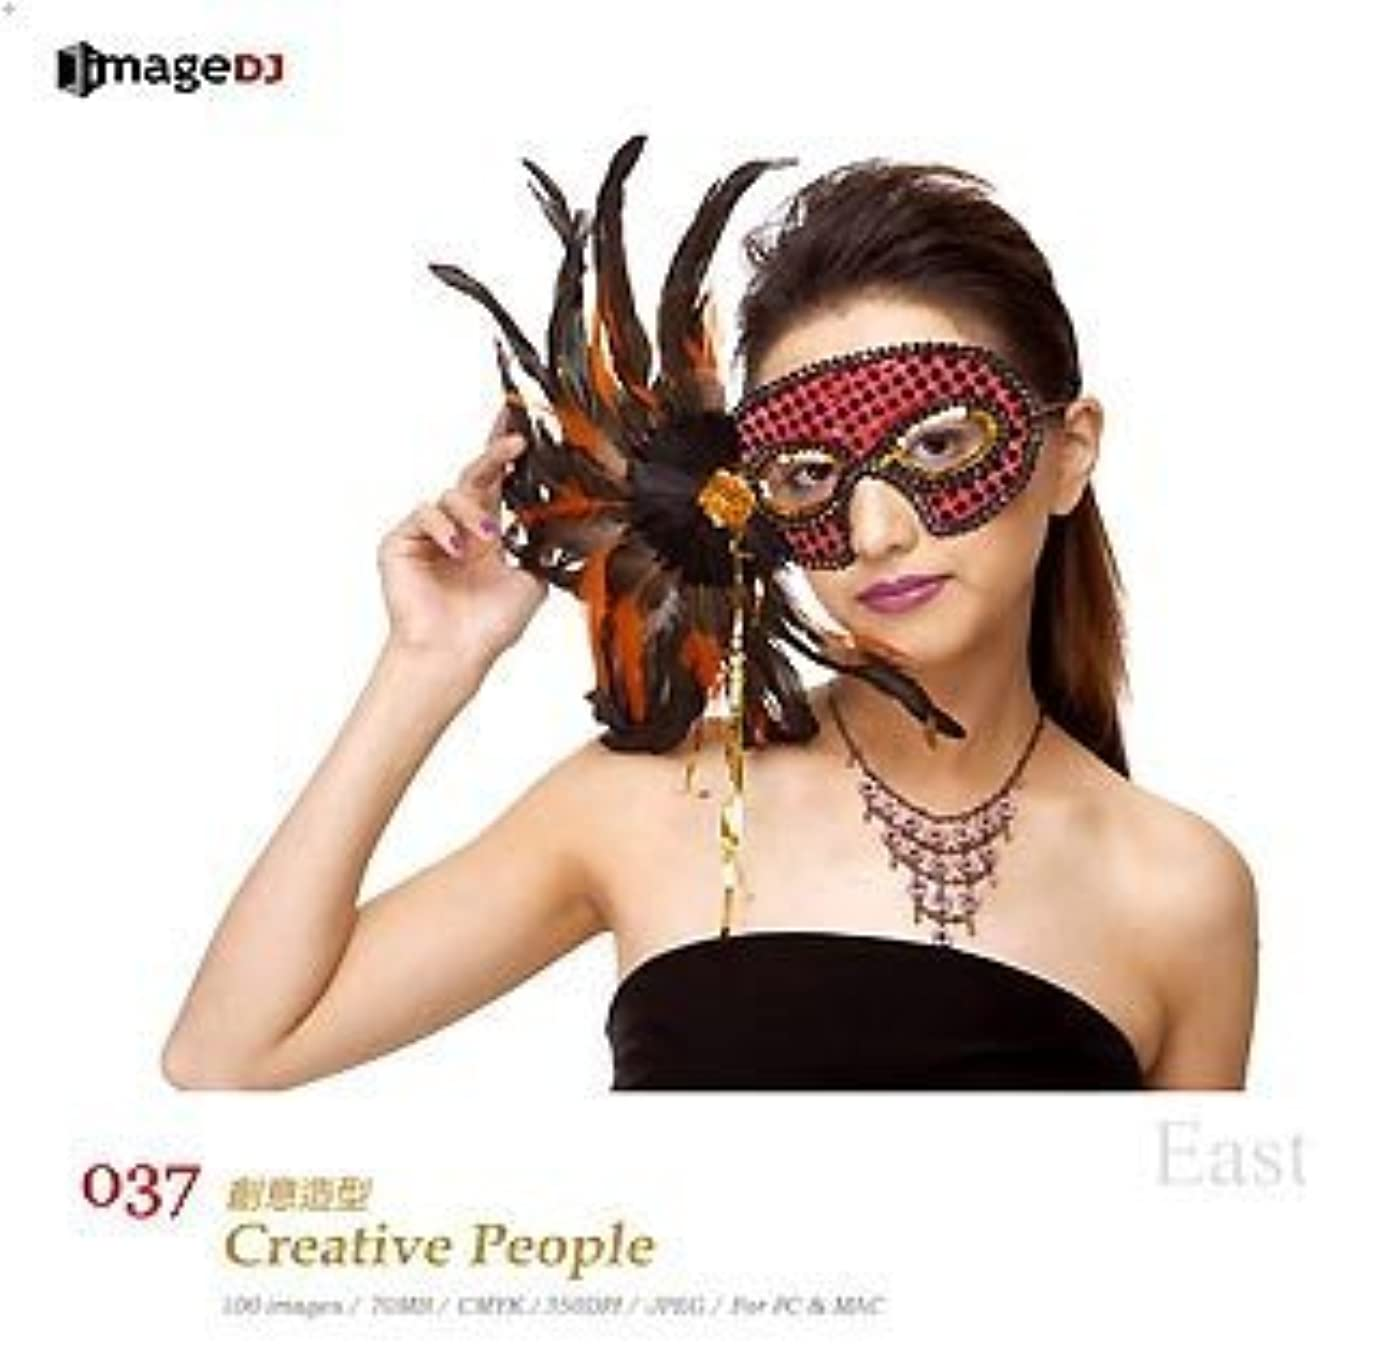 世界的に牧草地ラフEAST vol.37 独創的な人物 Creative People